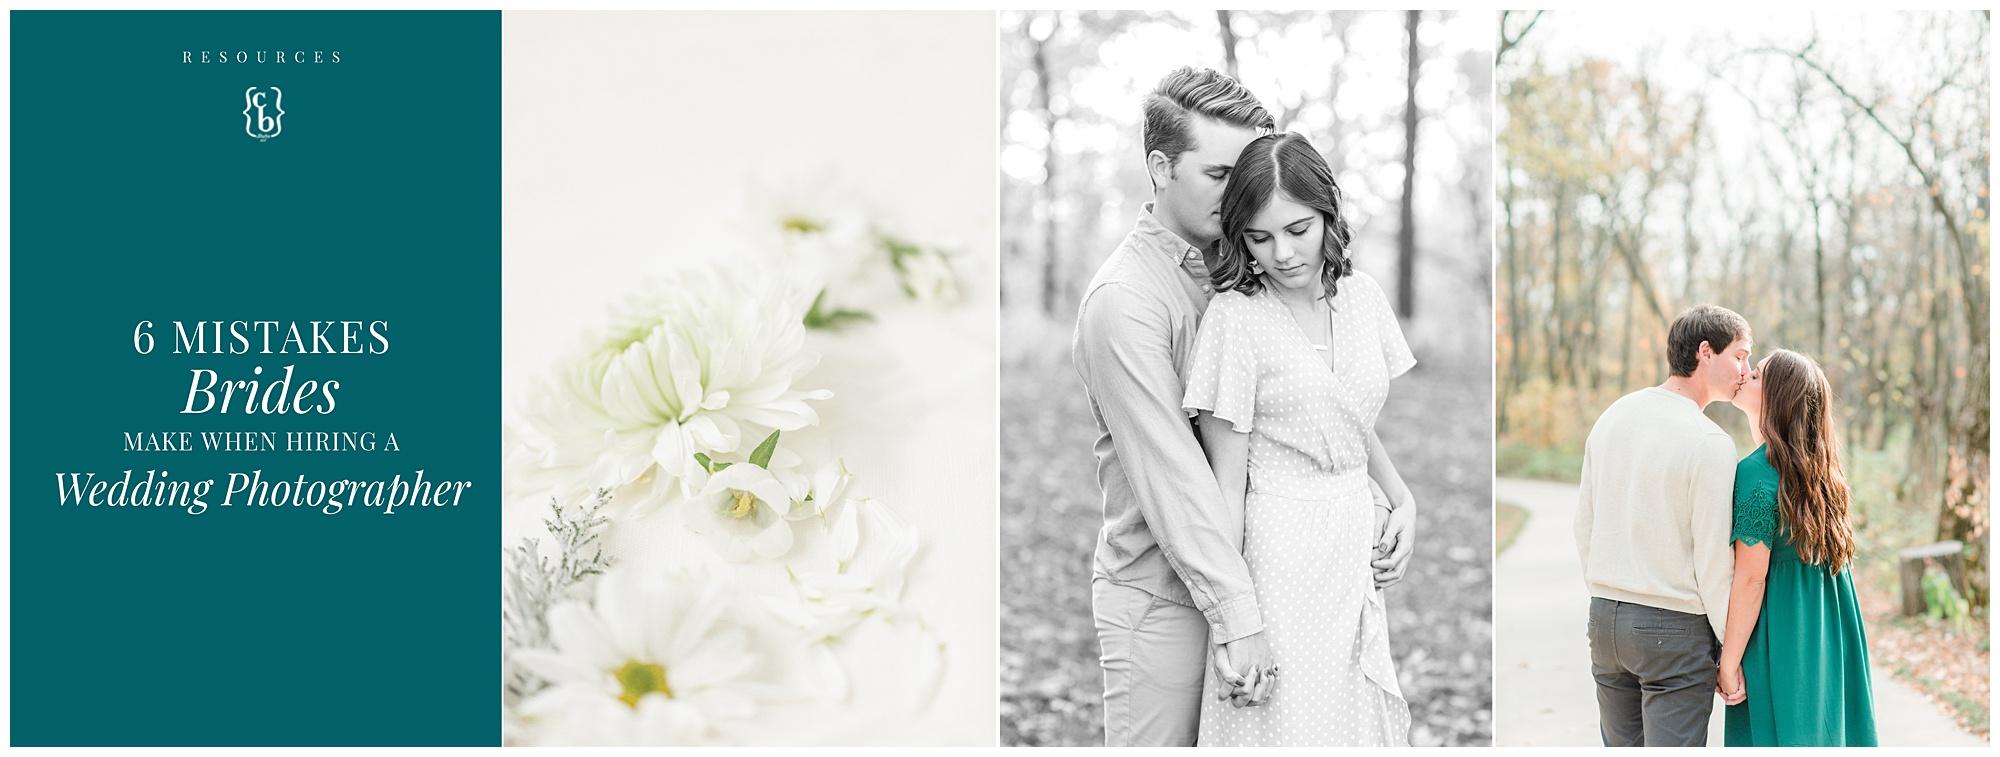 6 Mistakes Brides Make When Hiring A Wedding Photographer